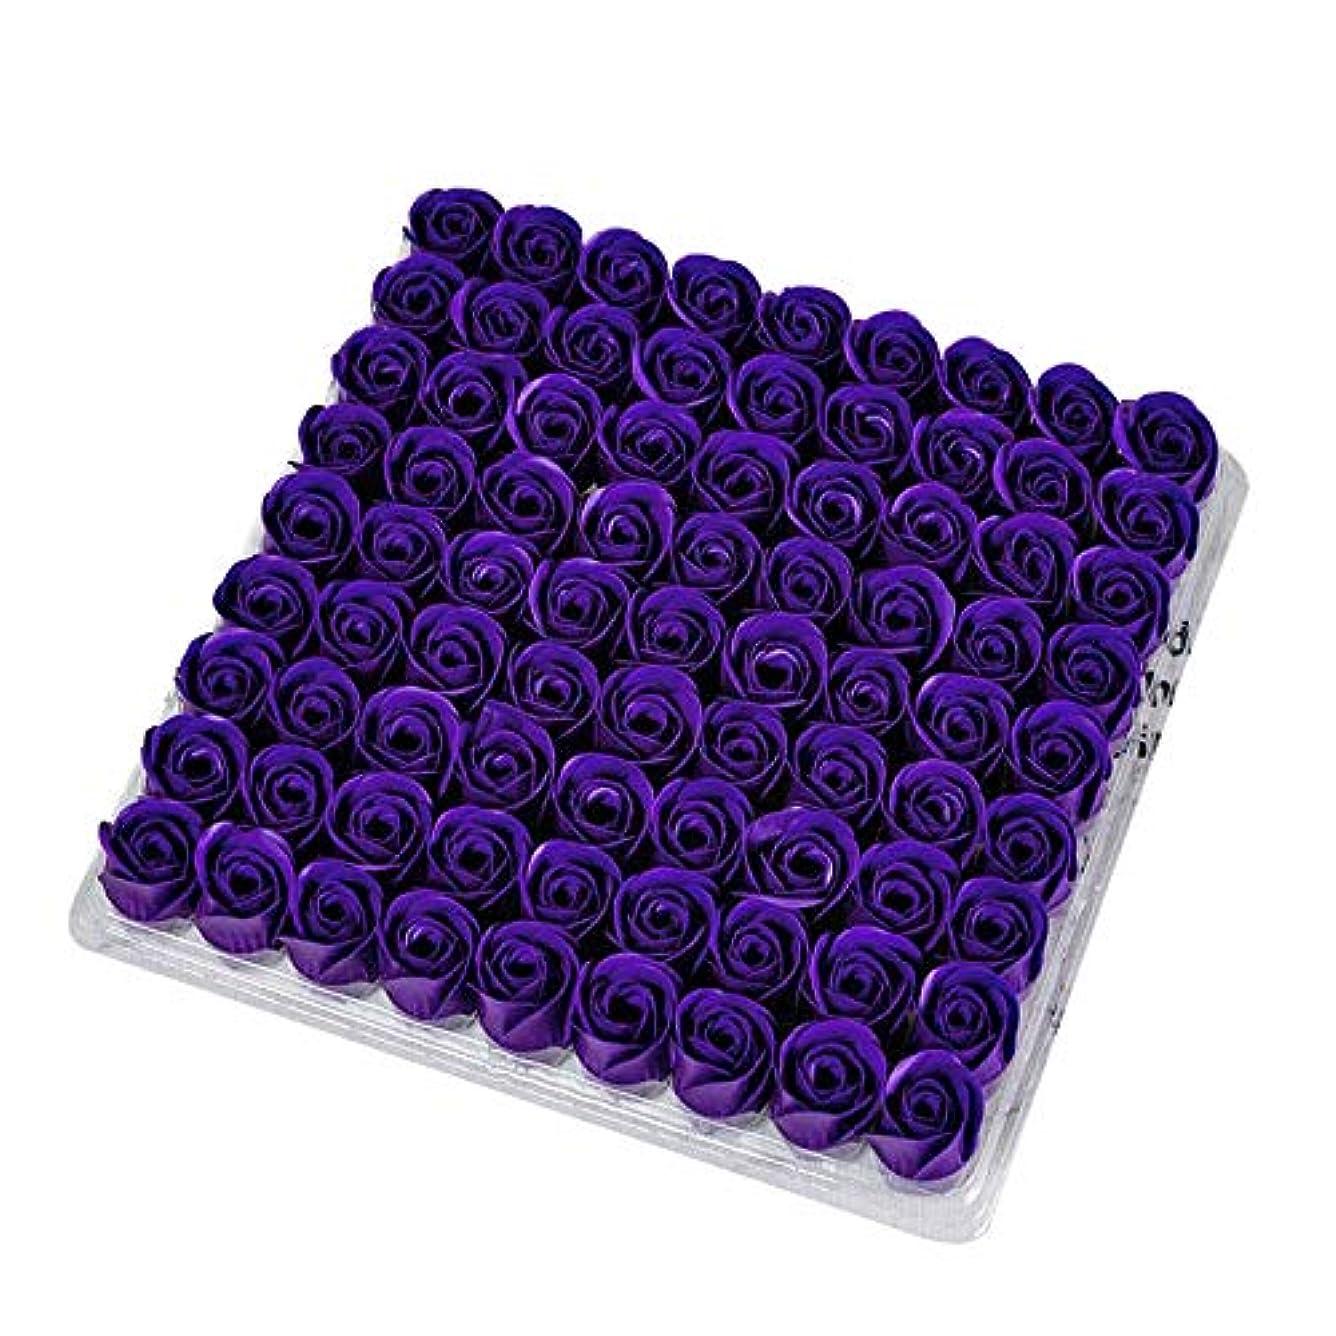 申し立てるバイオリニストパワーSODIAL 81個の薔薇、バス ボディ フラワー?フローラルの石けん 香りのよいローズフラワー エッセンシャルオイル フローラルのお客様への石鹸 ウェディング、パーティー、バレンタインデーの贈り物、紫色